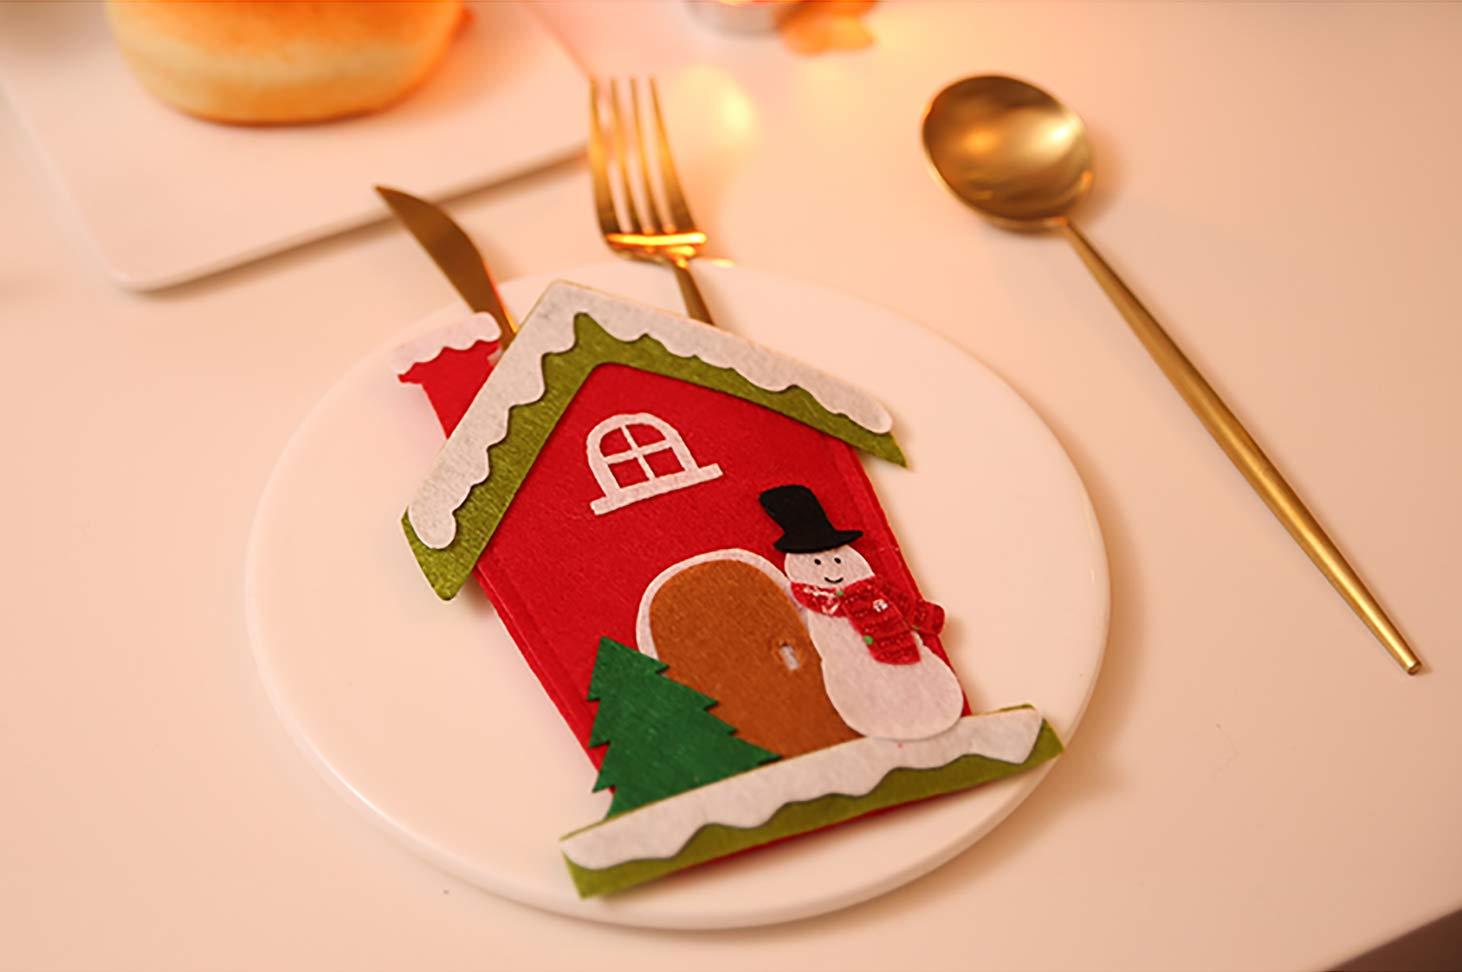 KEFAN 12 Bolsas para Cubiertos de Dibujos Animados con Tenedor para decoraci/ón de Mesa de Navidad